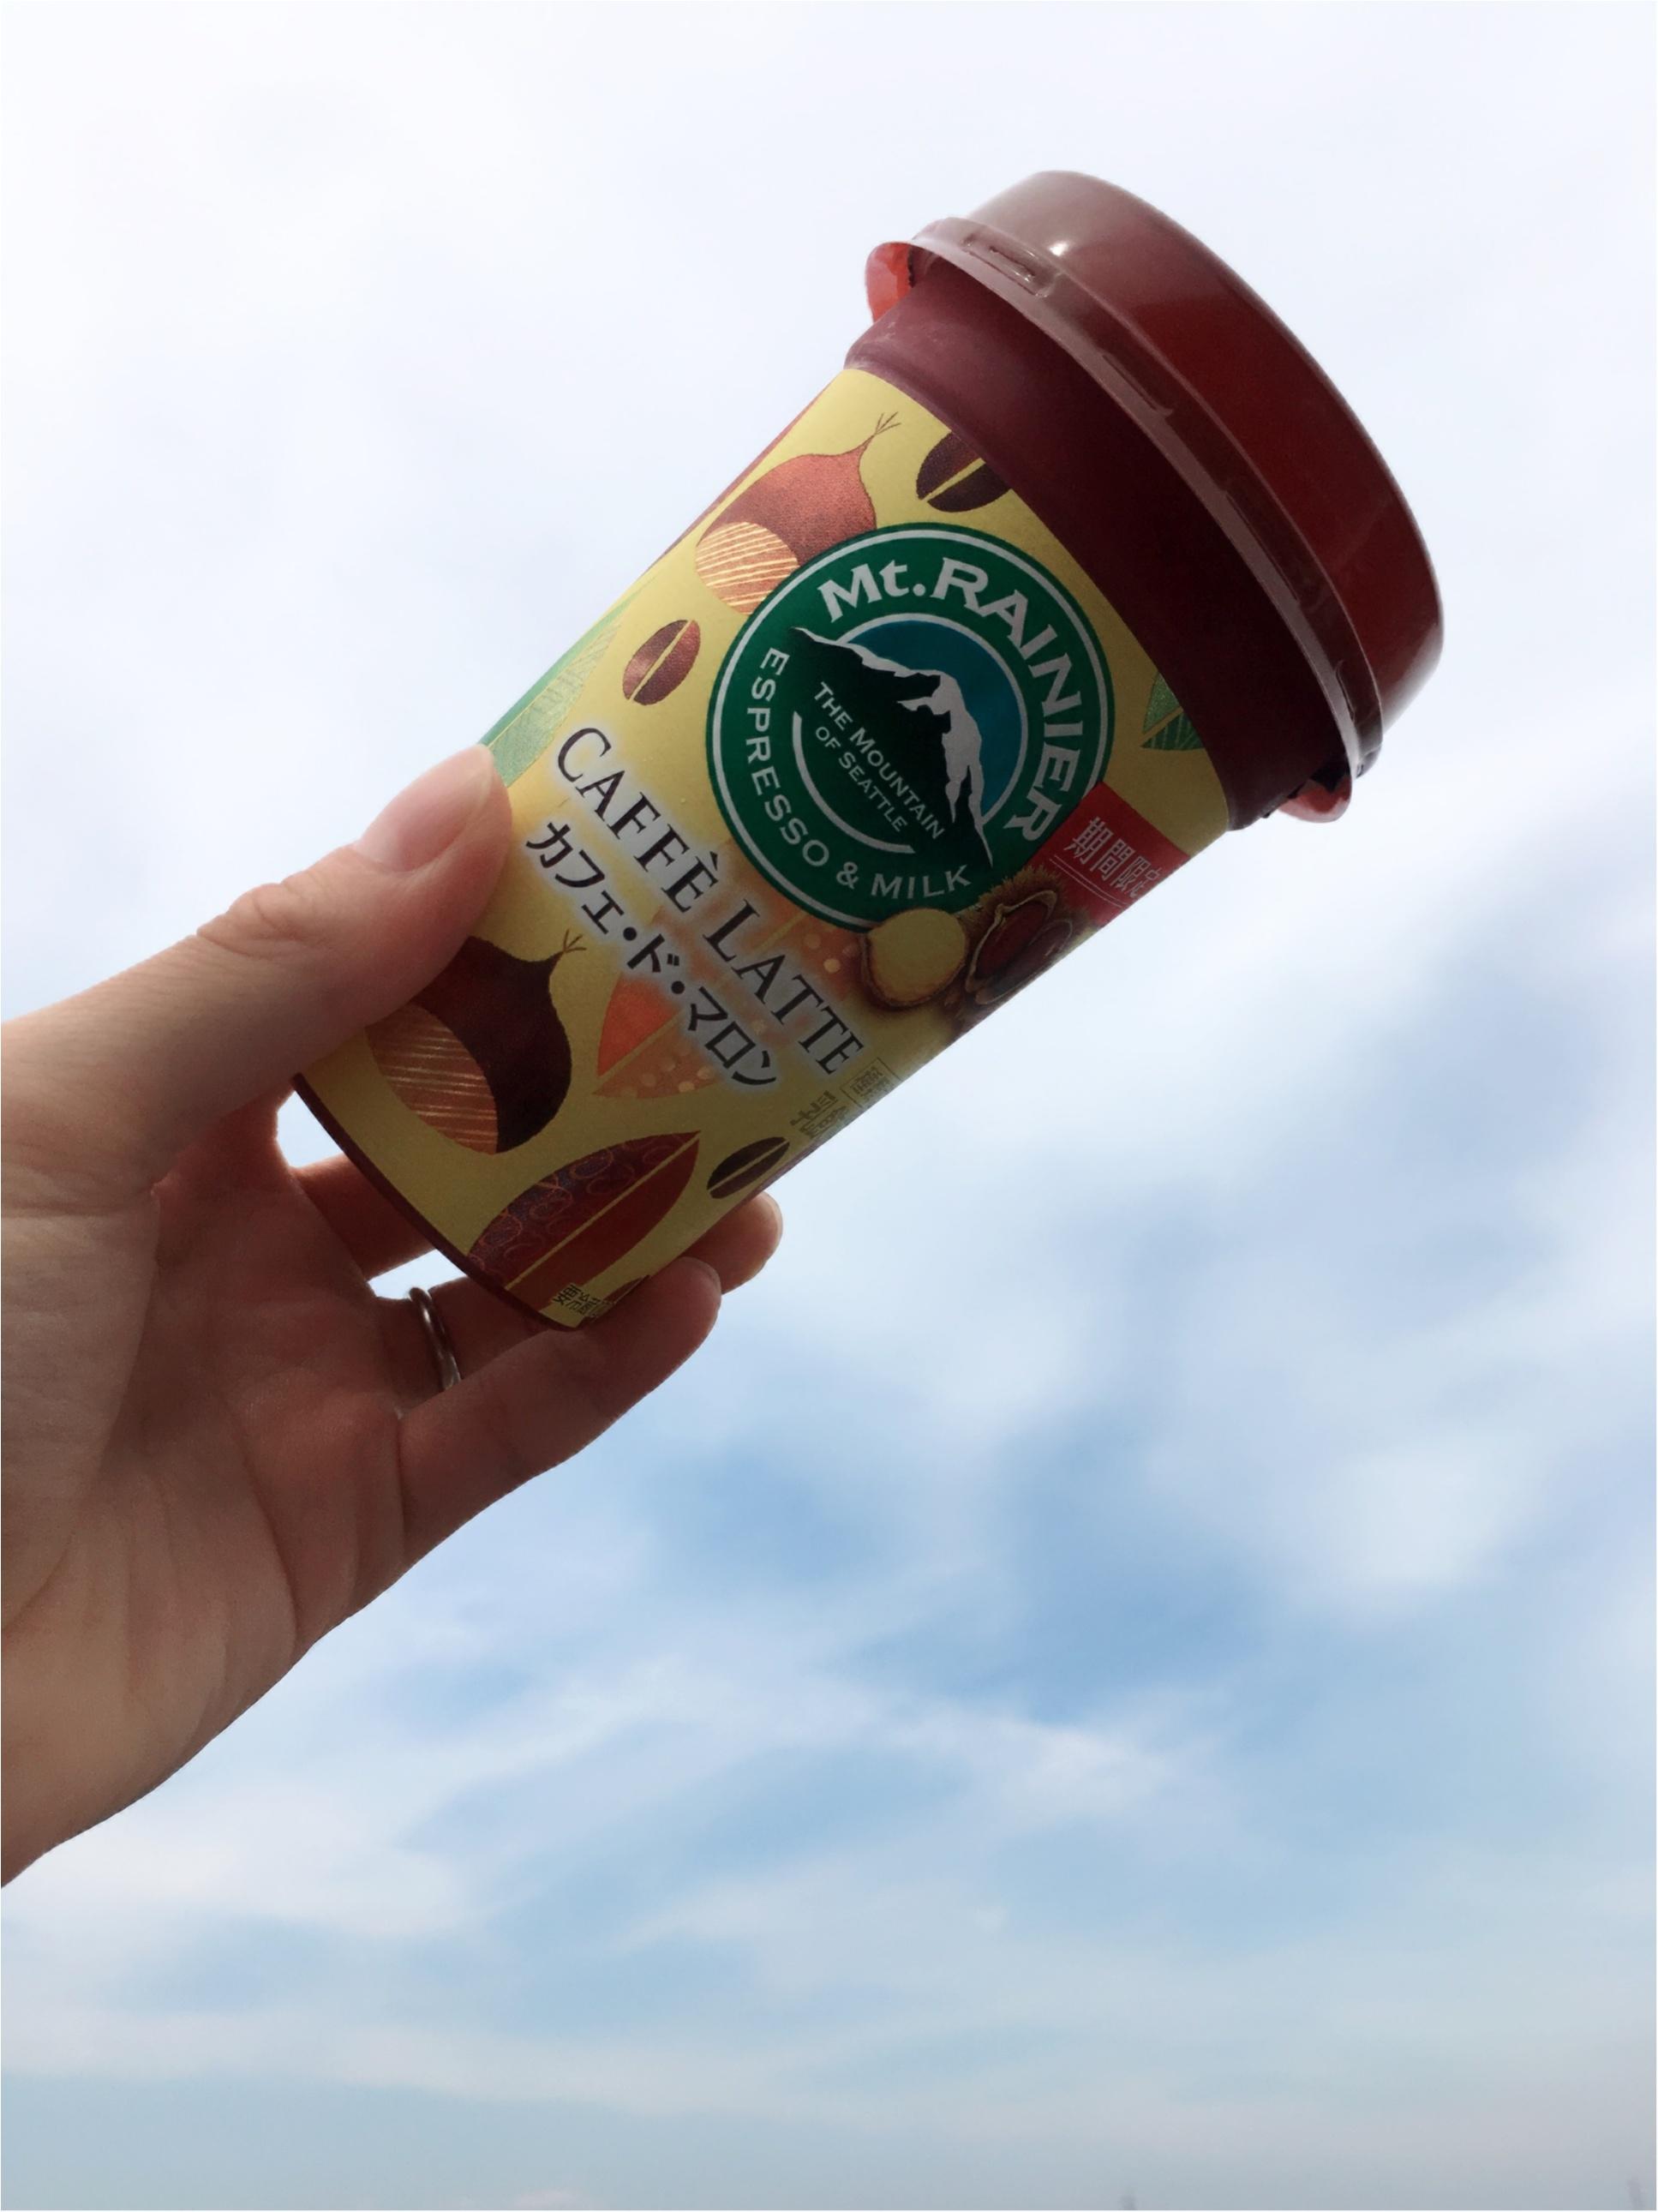 秋限定【Mt.RAINIER】のチルドカップ《カフェ ド マロン》が栗の風味で美味♡_1